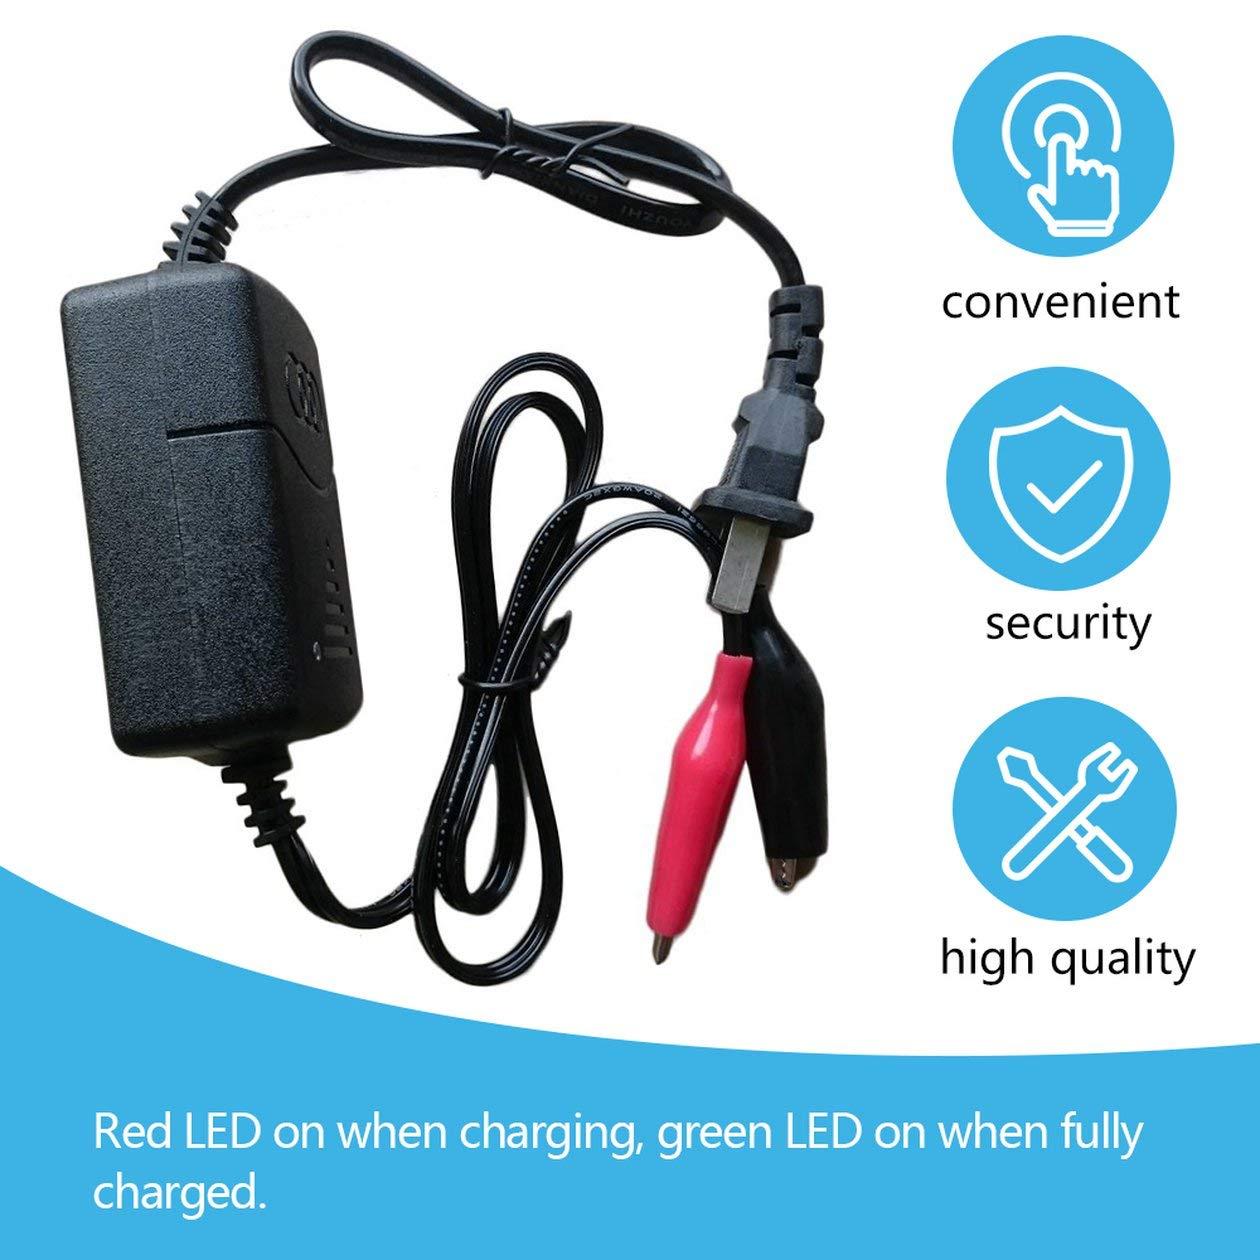 couleur: noir Chargeur de batterie rechargeable automatique au plomb scell/é noir 12 V 1300mA avec protection de court-circuit par moto de camion de voiture